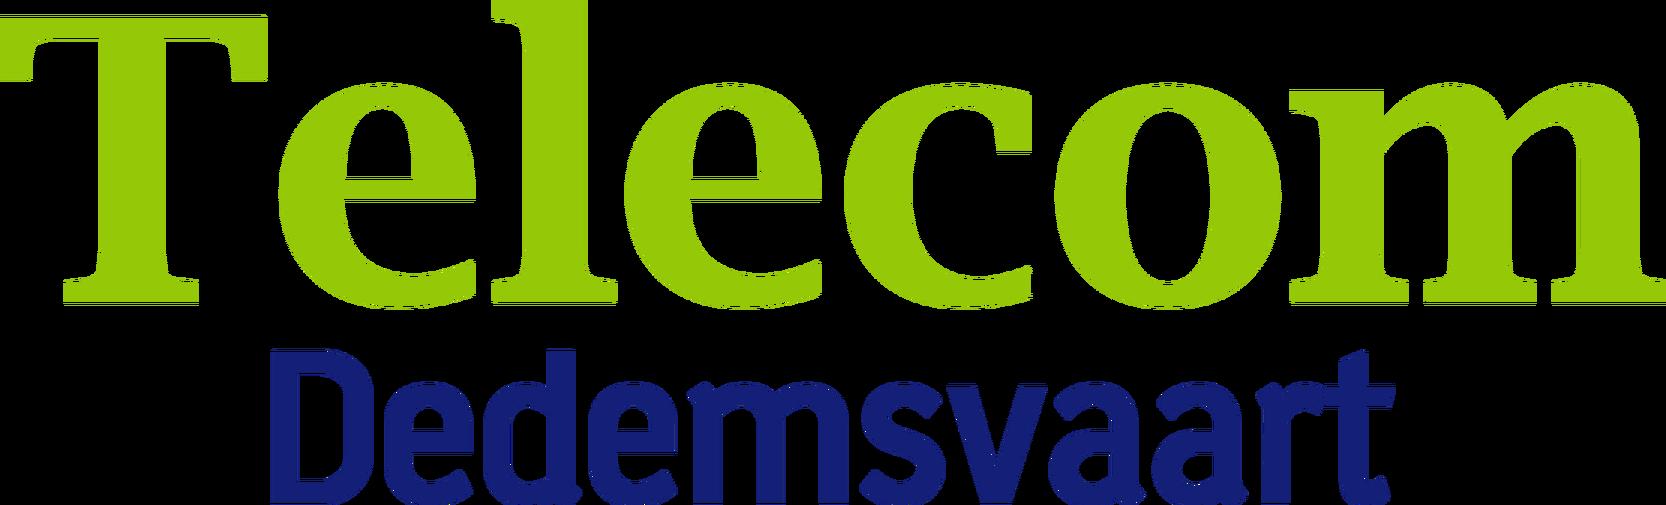 Telecom Dedemsvaart Logo